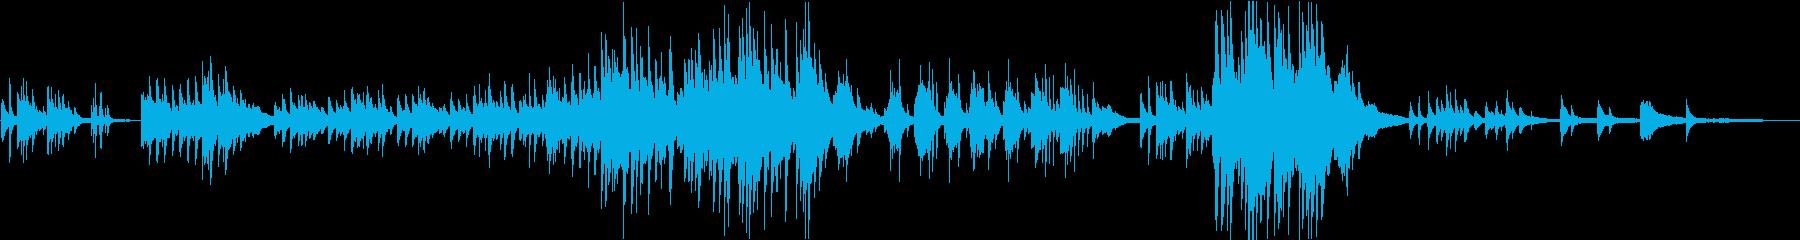 「エンディング向け」切ないピアノソロの再生済みの波形